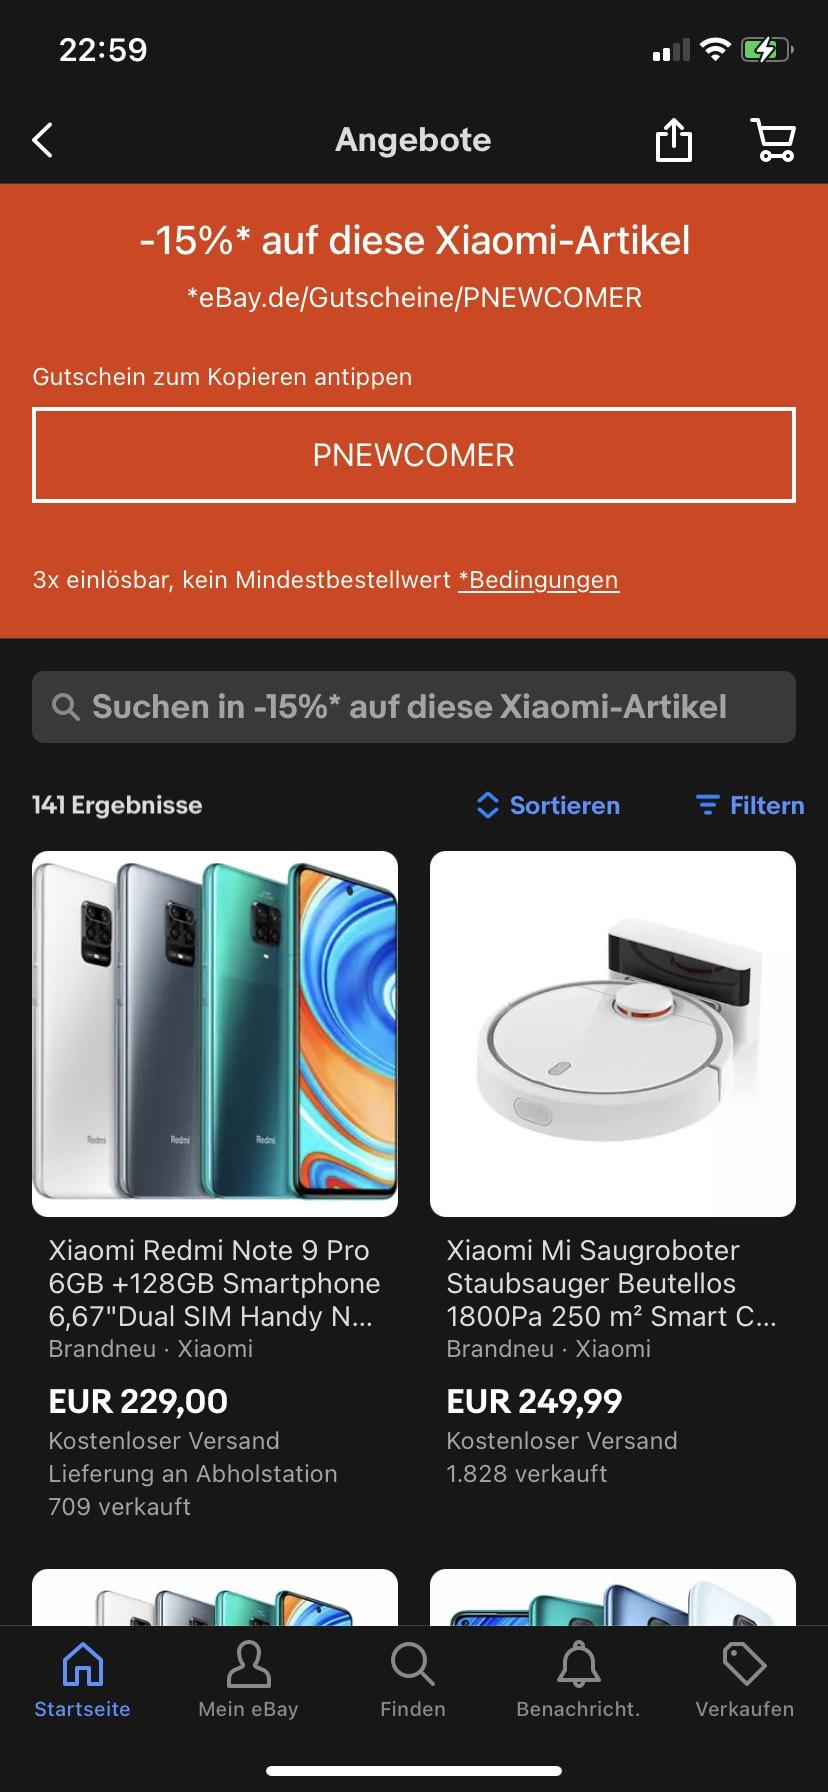 Ebay 15% Gutschein auf neue Marken z.B Xiaomi